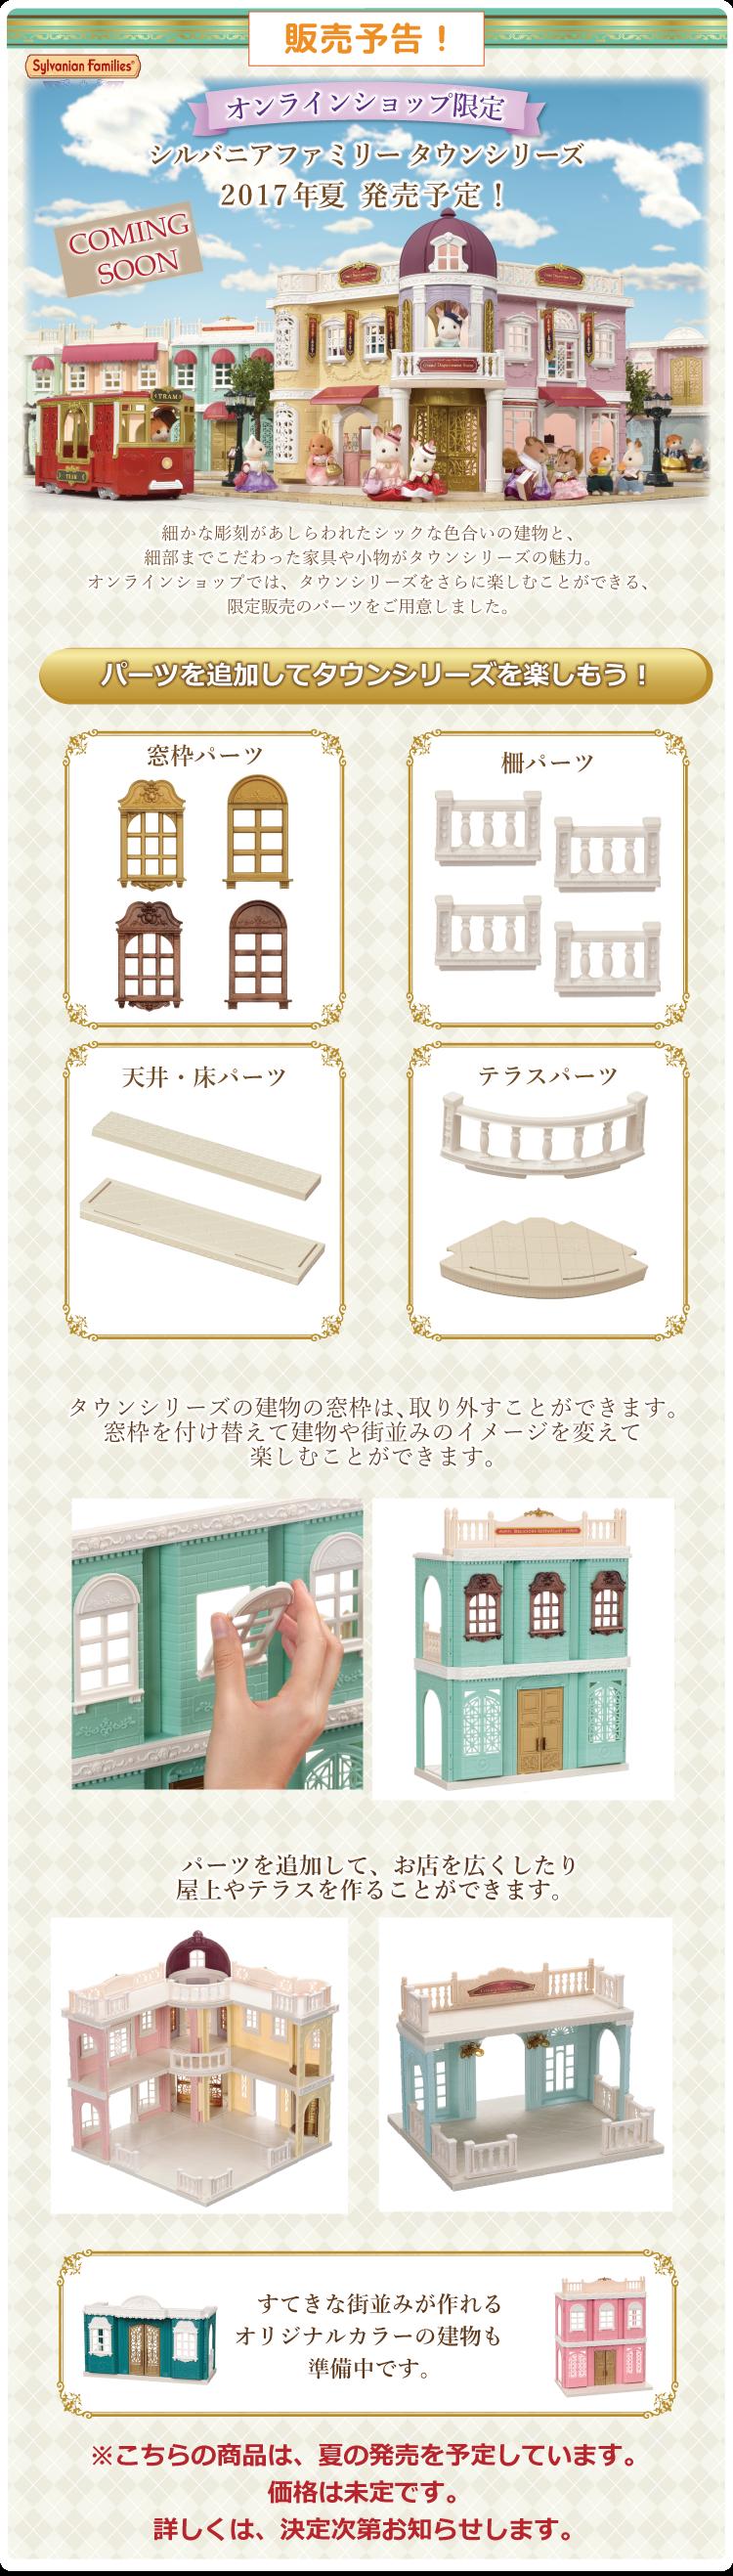 【シルバニア】タウンシリーズ 新商品オンラインショップ発表きた!!!~窓枠、柵、テラス~